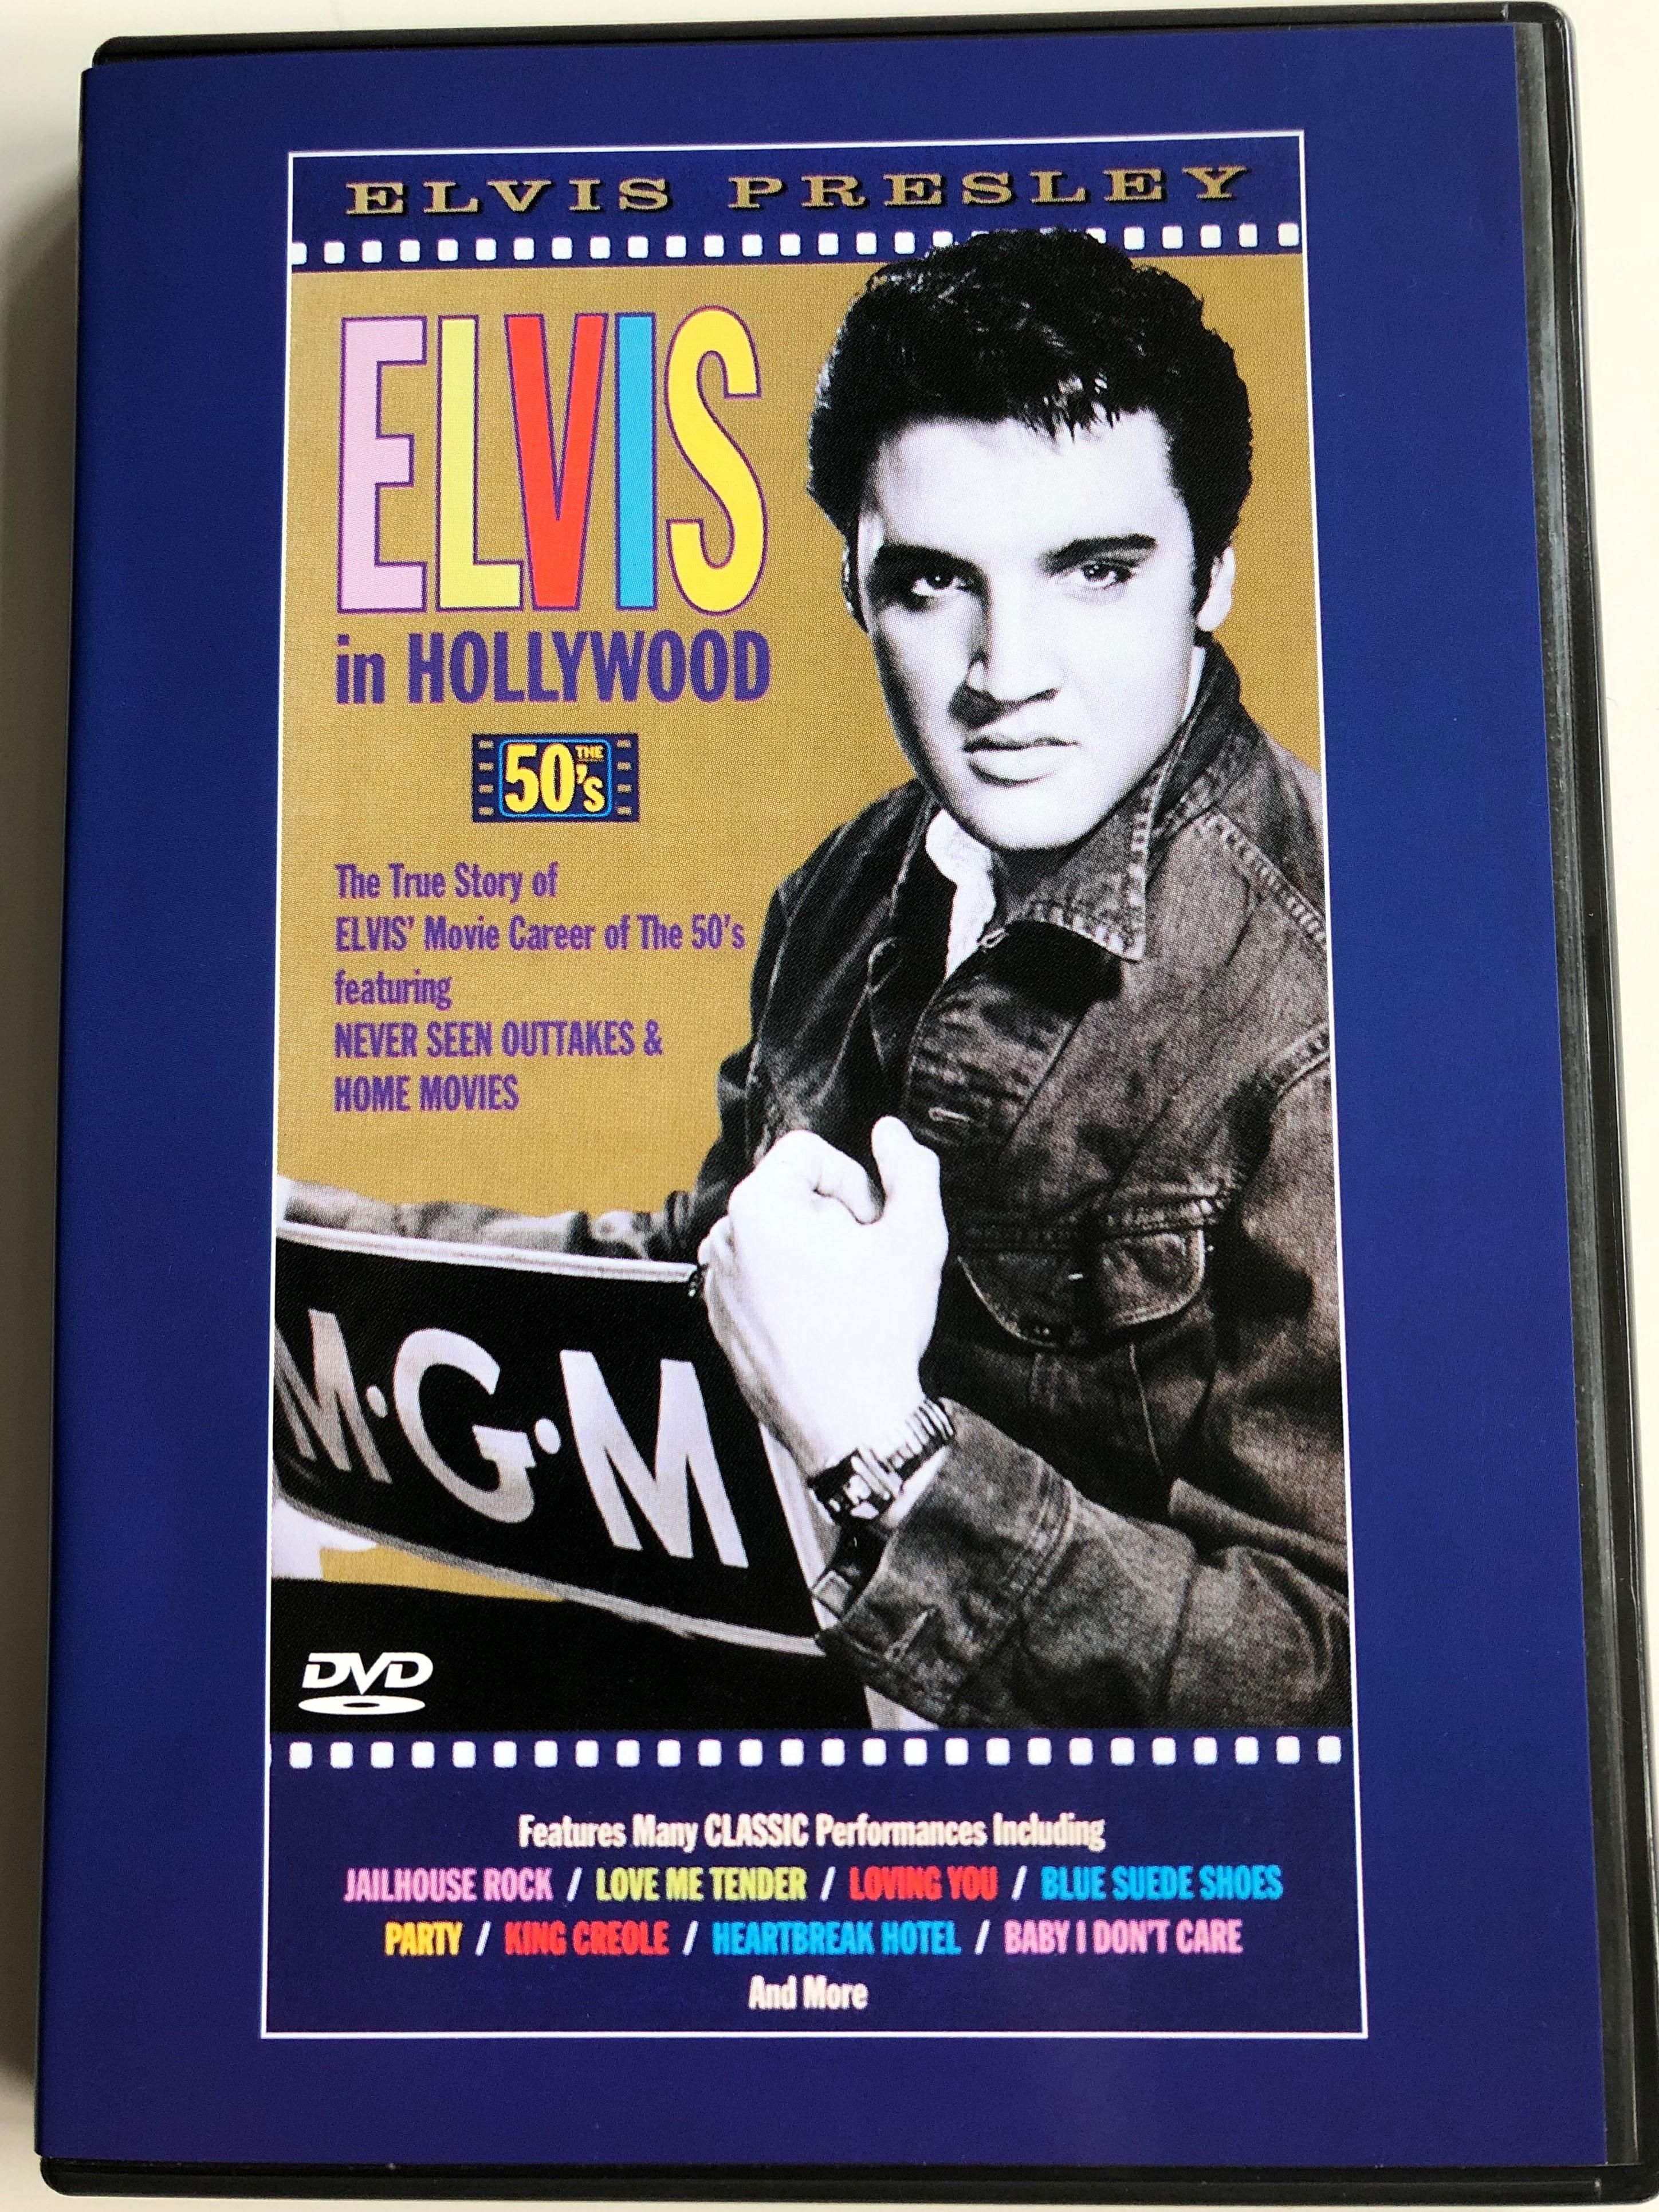 elvis-in-hollywood-50-s-dvd-2000-1.jpg